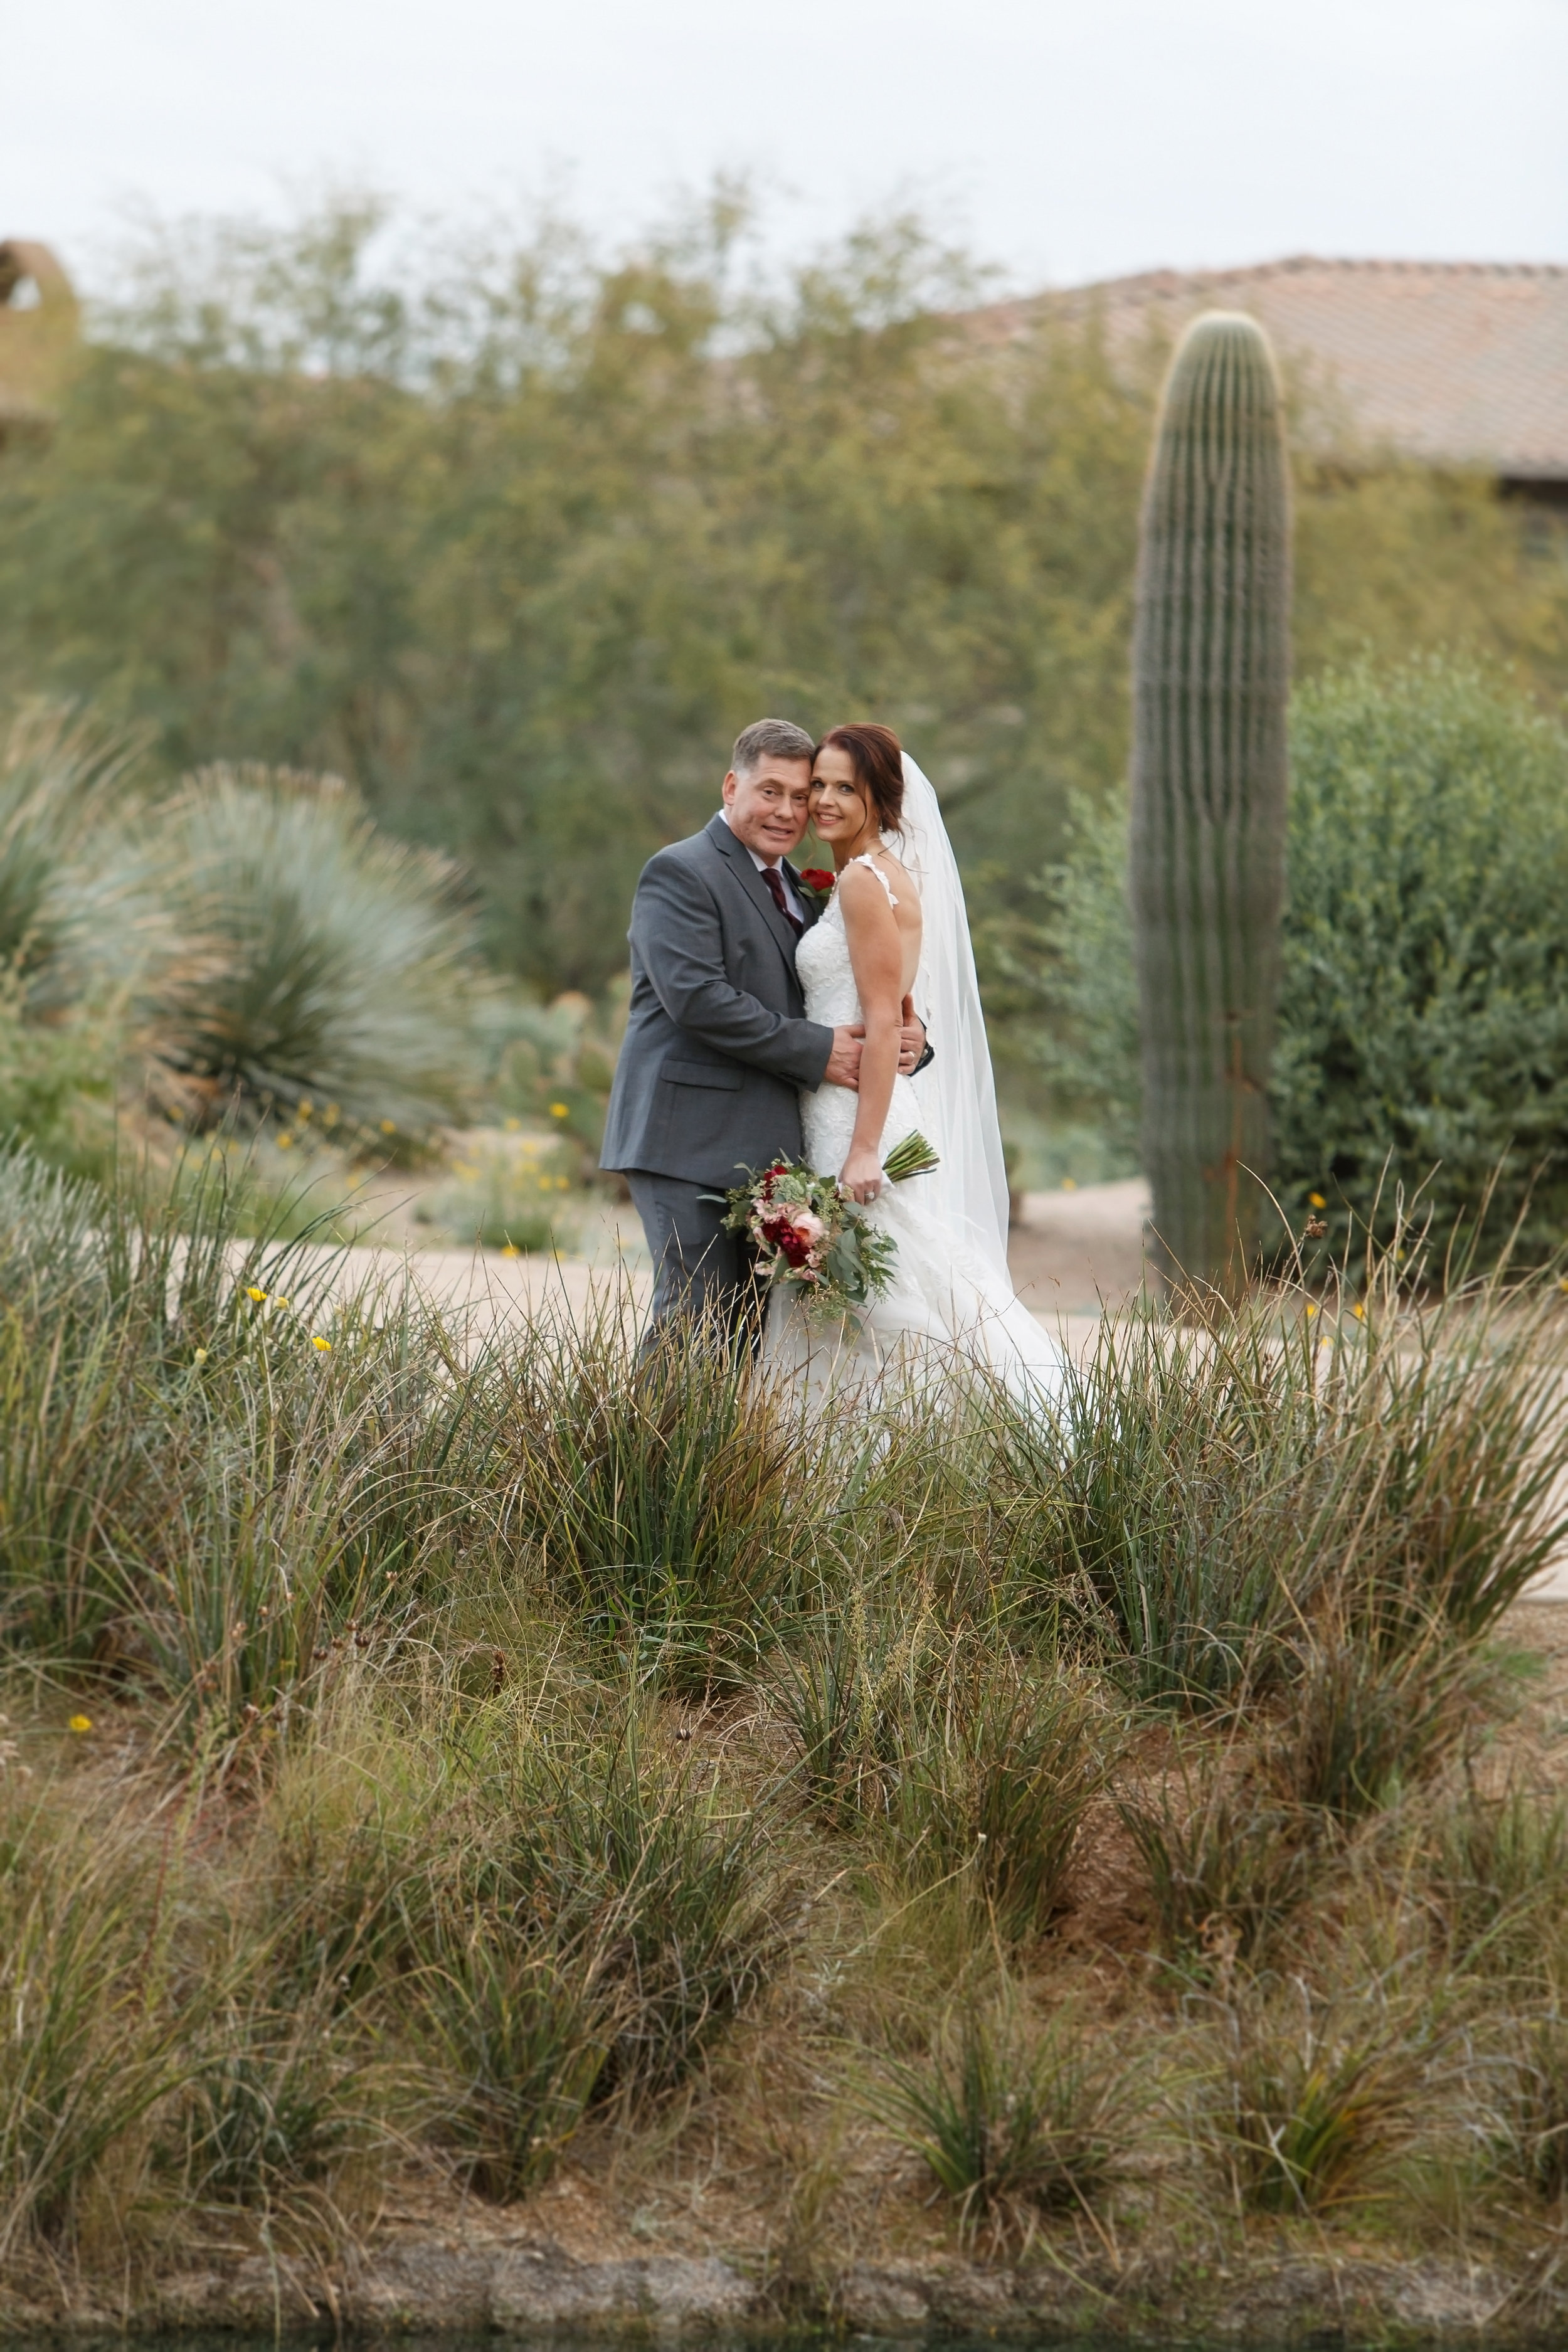 wedding_kathy-john-castro_f-465.jpg